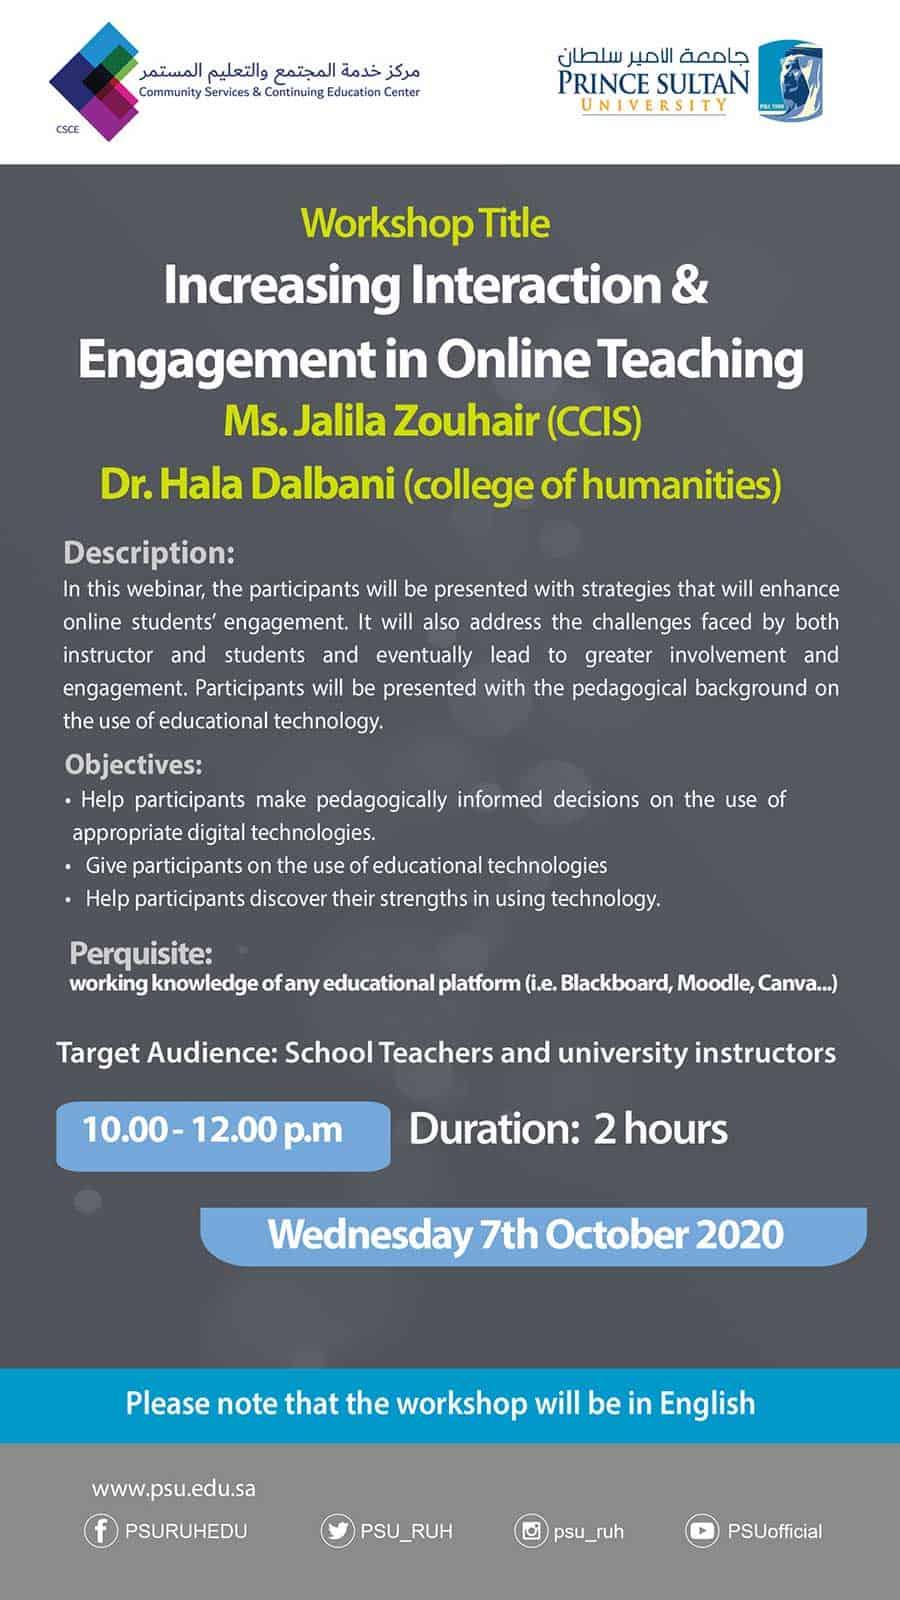 رفع مستوى مشاركة الطالبات في الفصول الدراسية الافتراضية